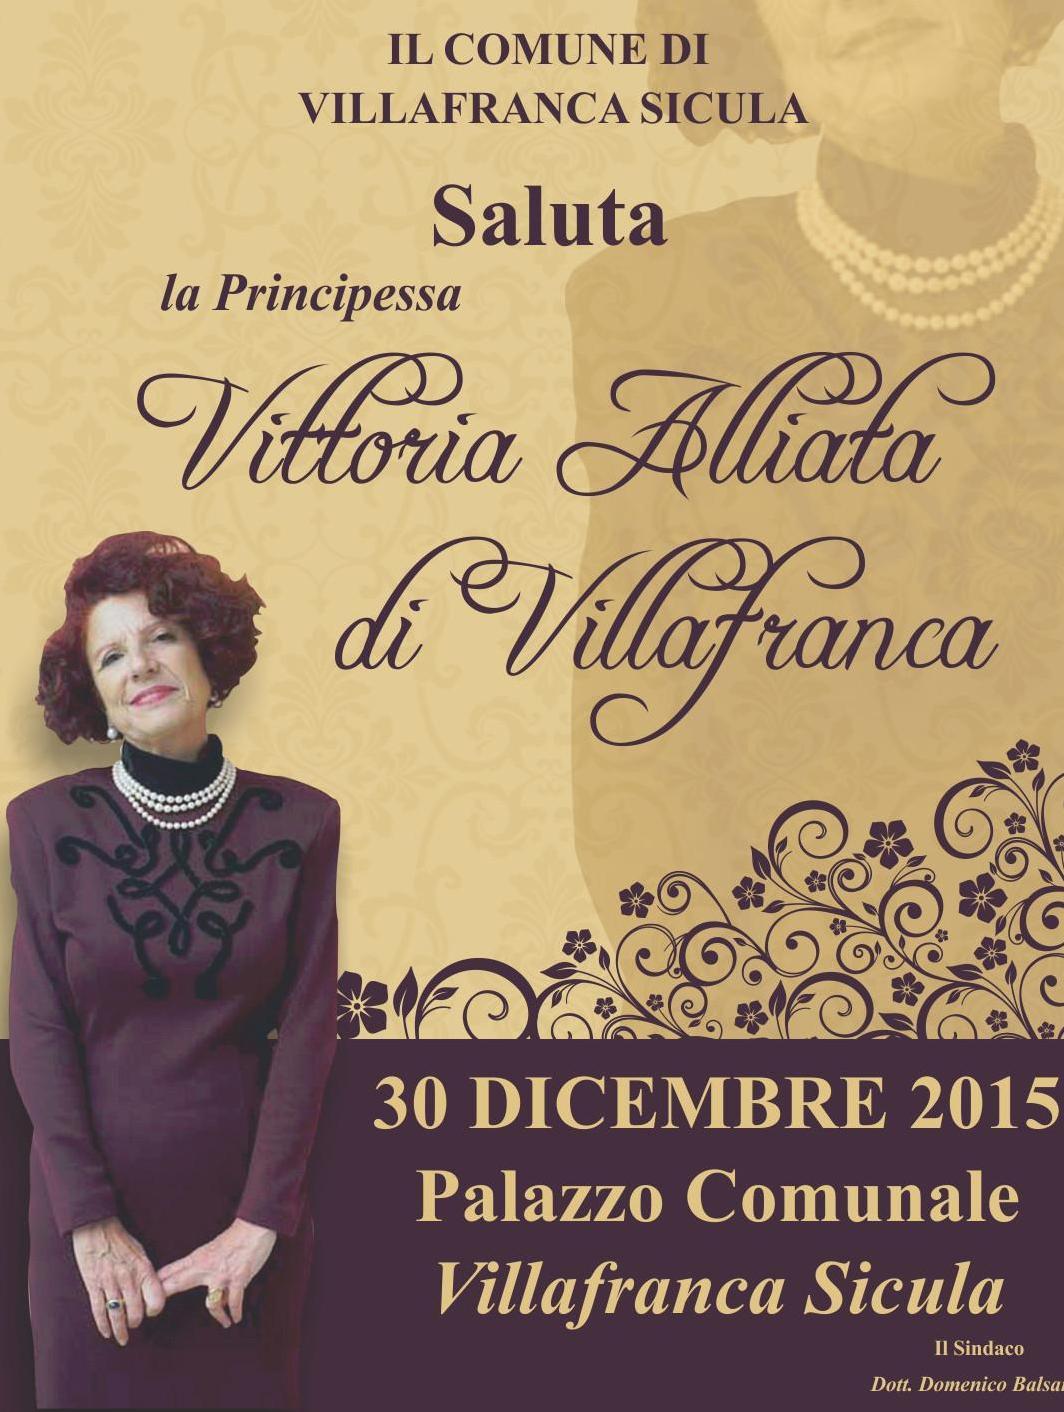 Villafranca Sicula Locandina con la principessa Vittoria Alliata